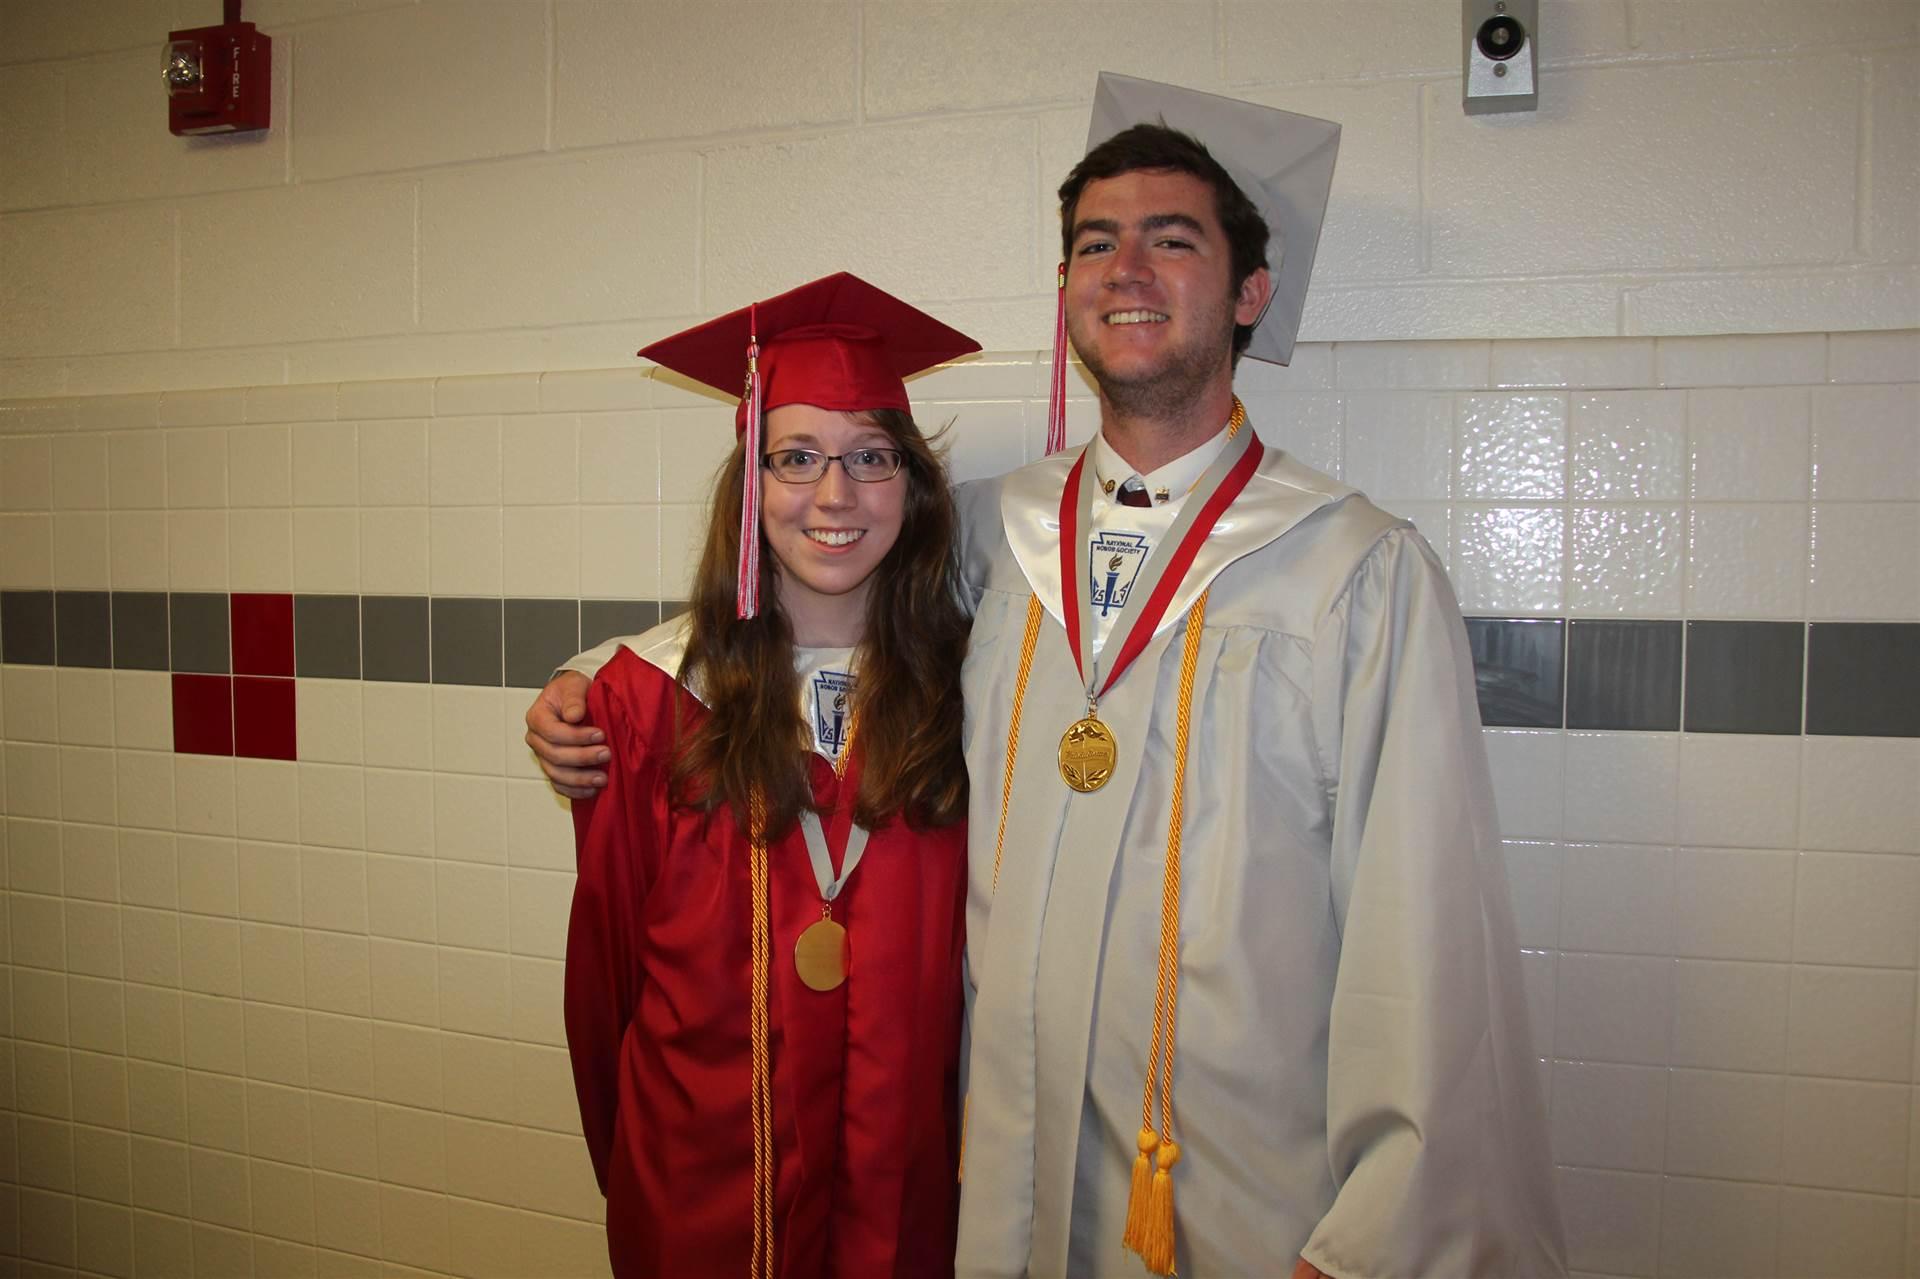 photo 14 from 2017 C V Graduation